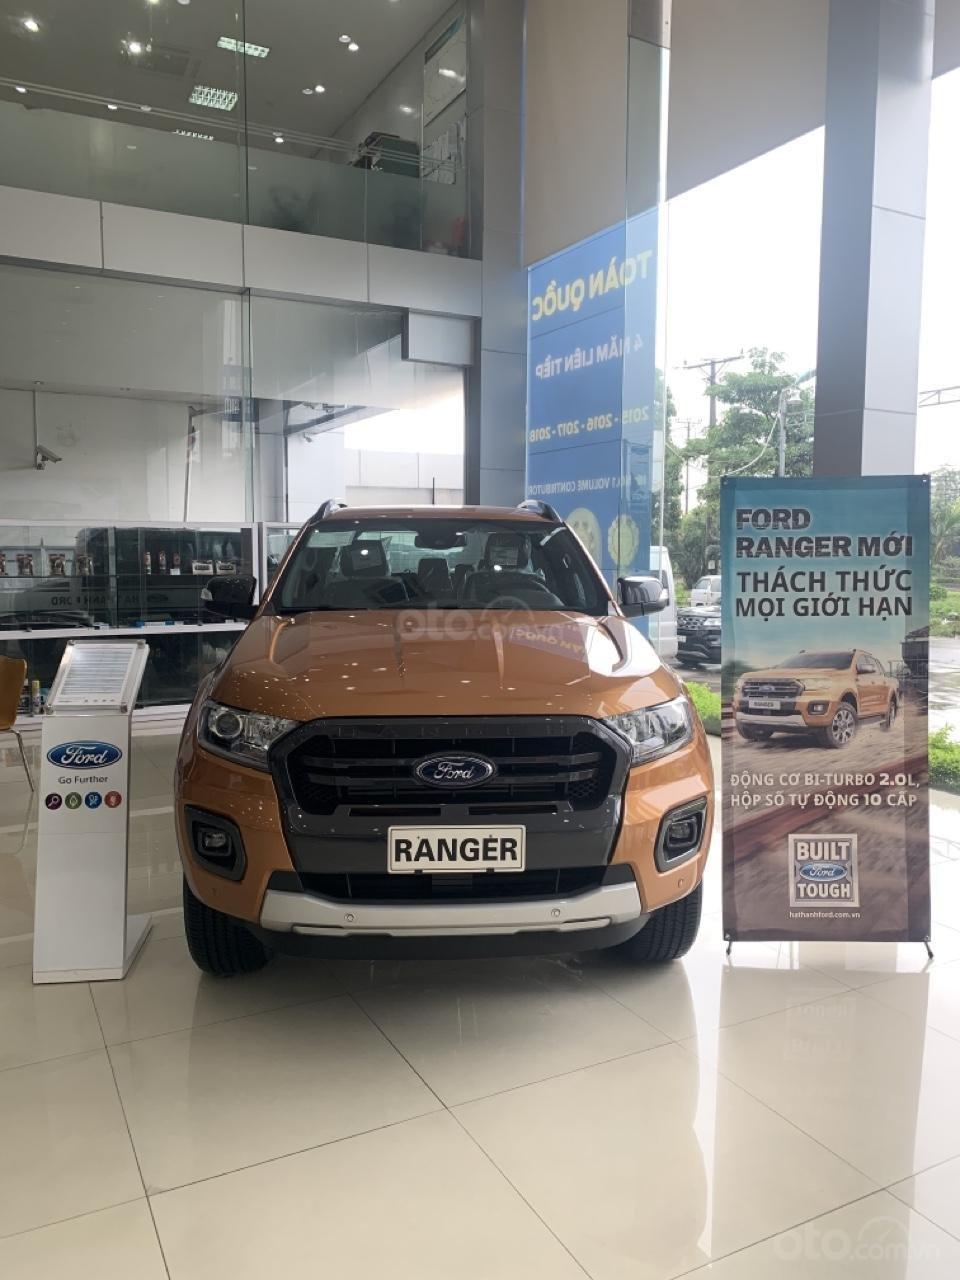 Giá xe Ford Ranger rẻ nhất miền Bắc, xe nhập Thái Lan đầy đủ màu sắc, lấy xe chỉ với 150tr, liên hệ ngay 0938568583 (1)